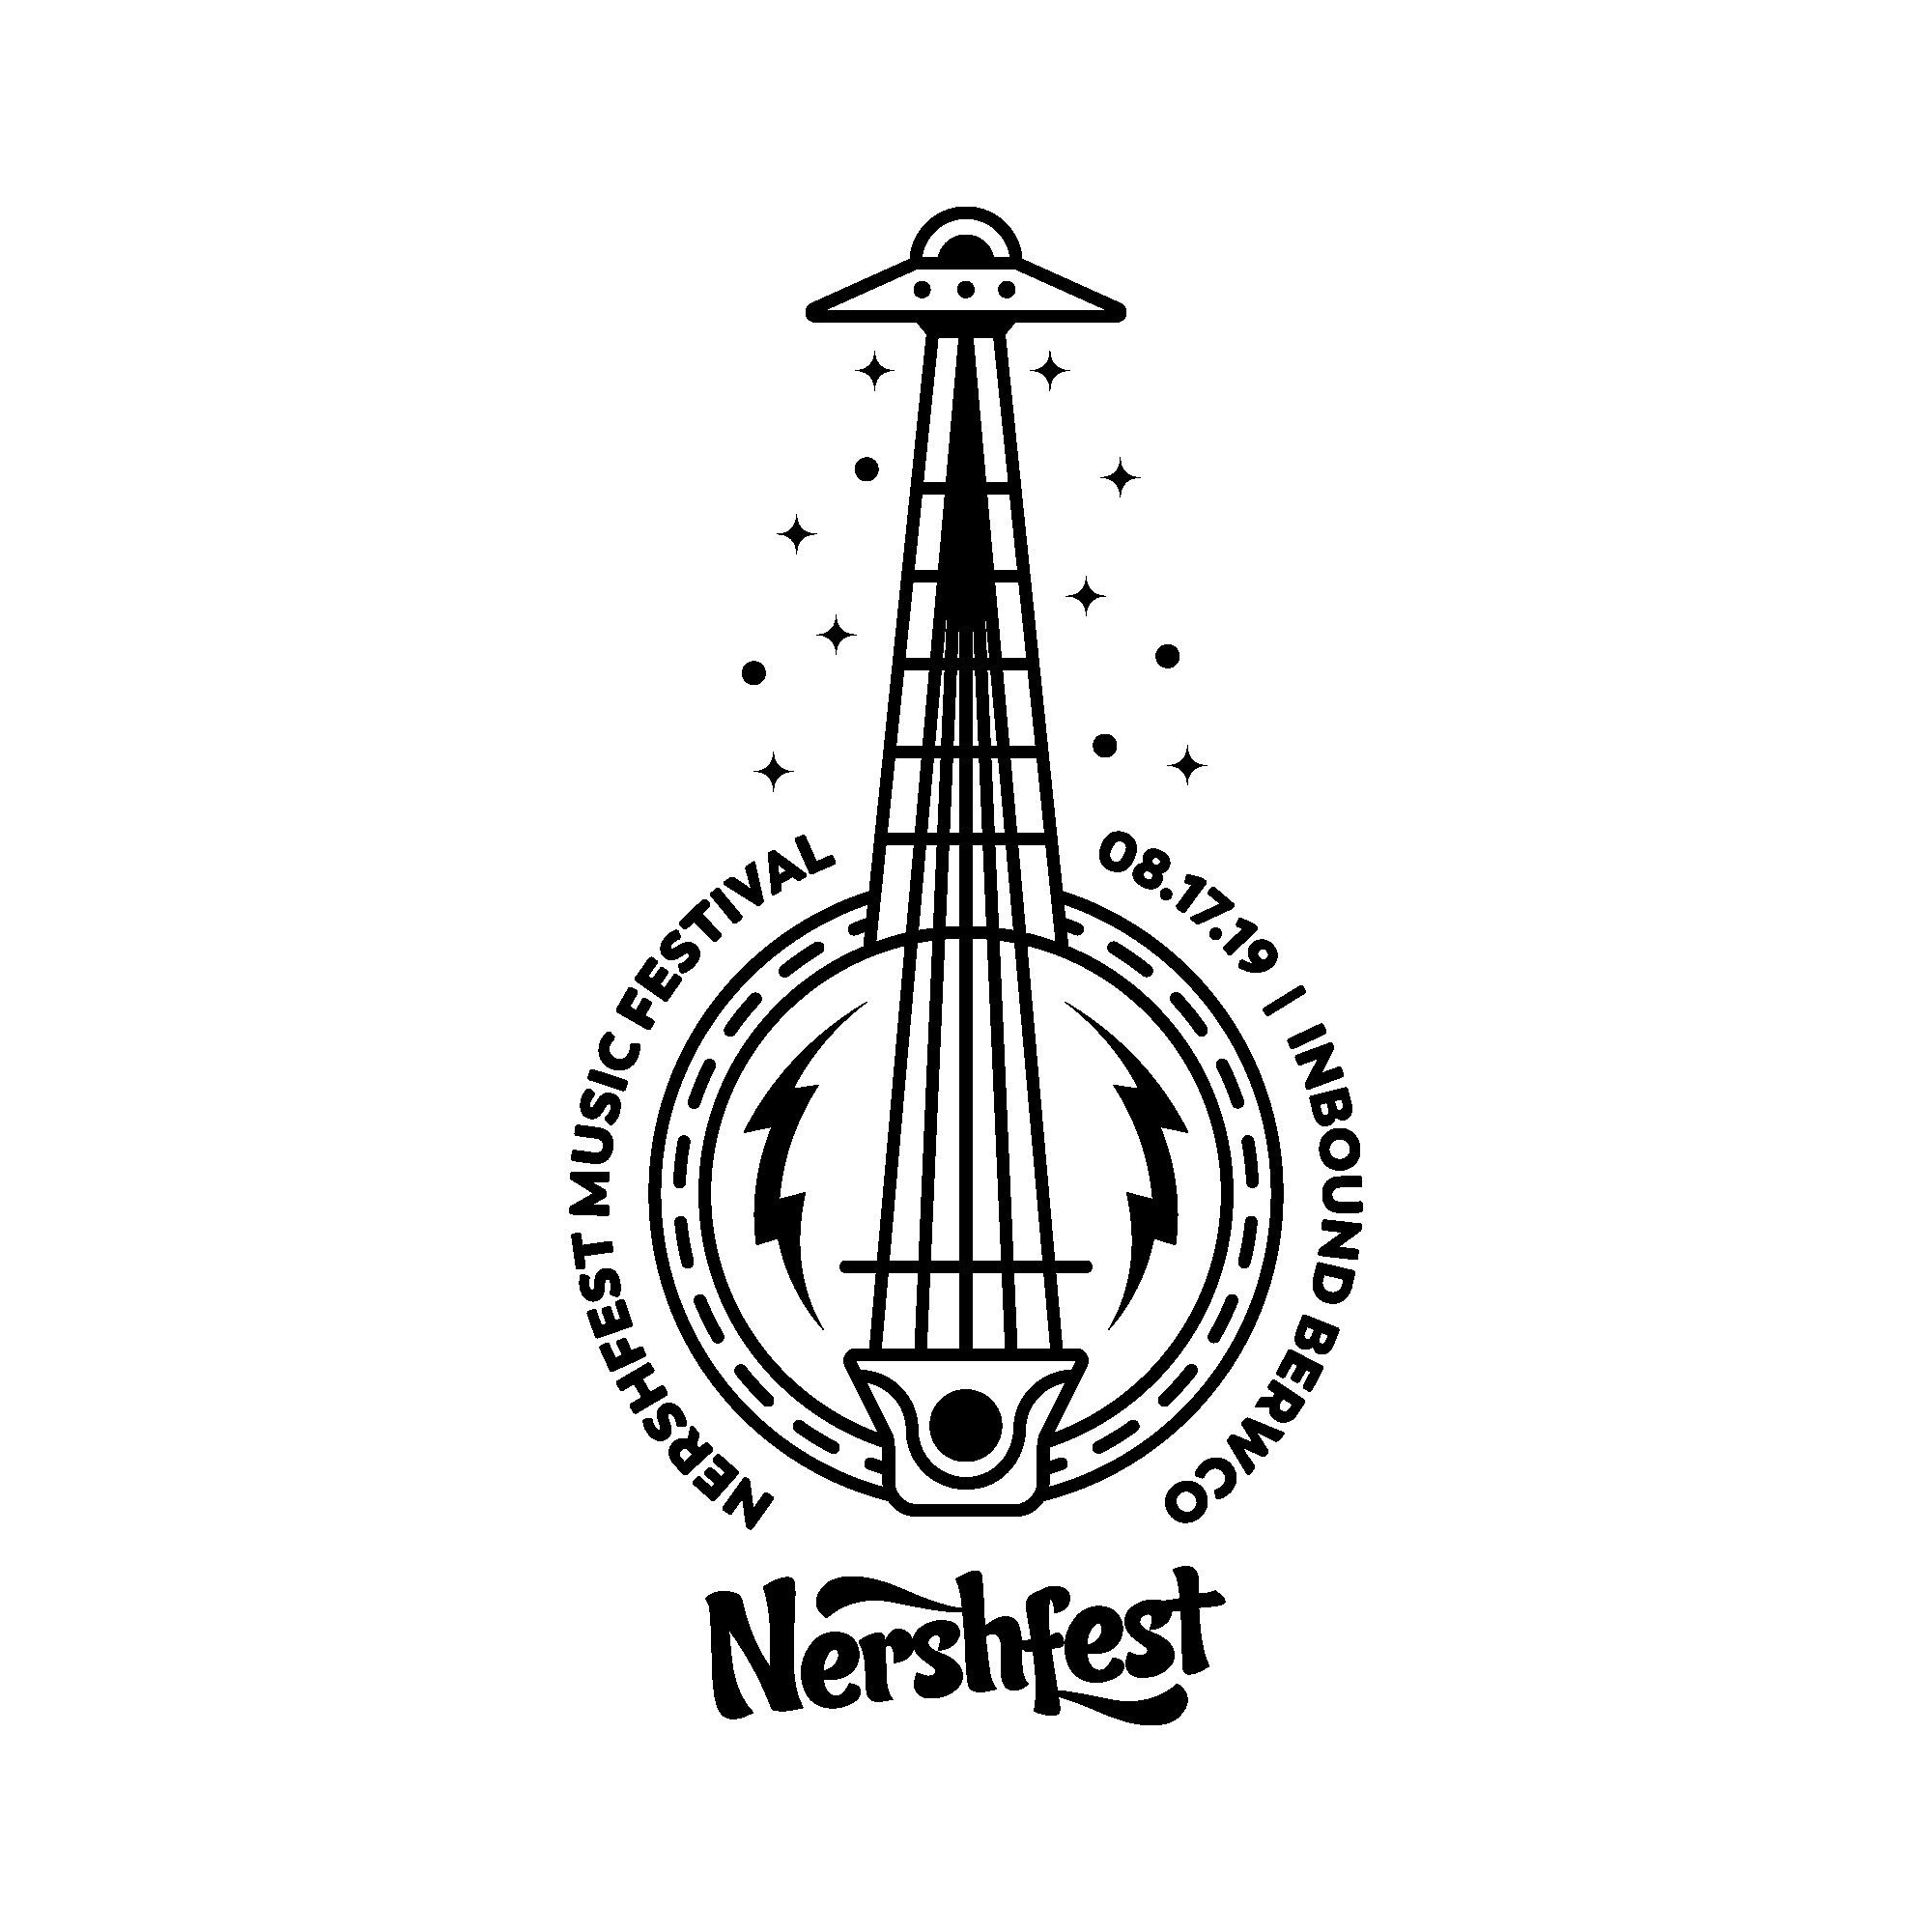 Nershfest_Tshirts_2019_Page_3.jpg